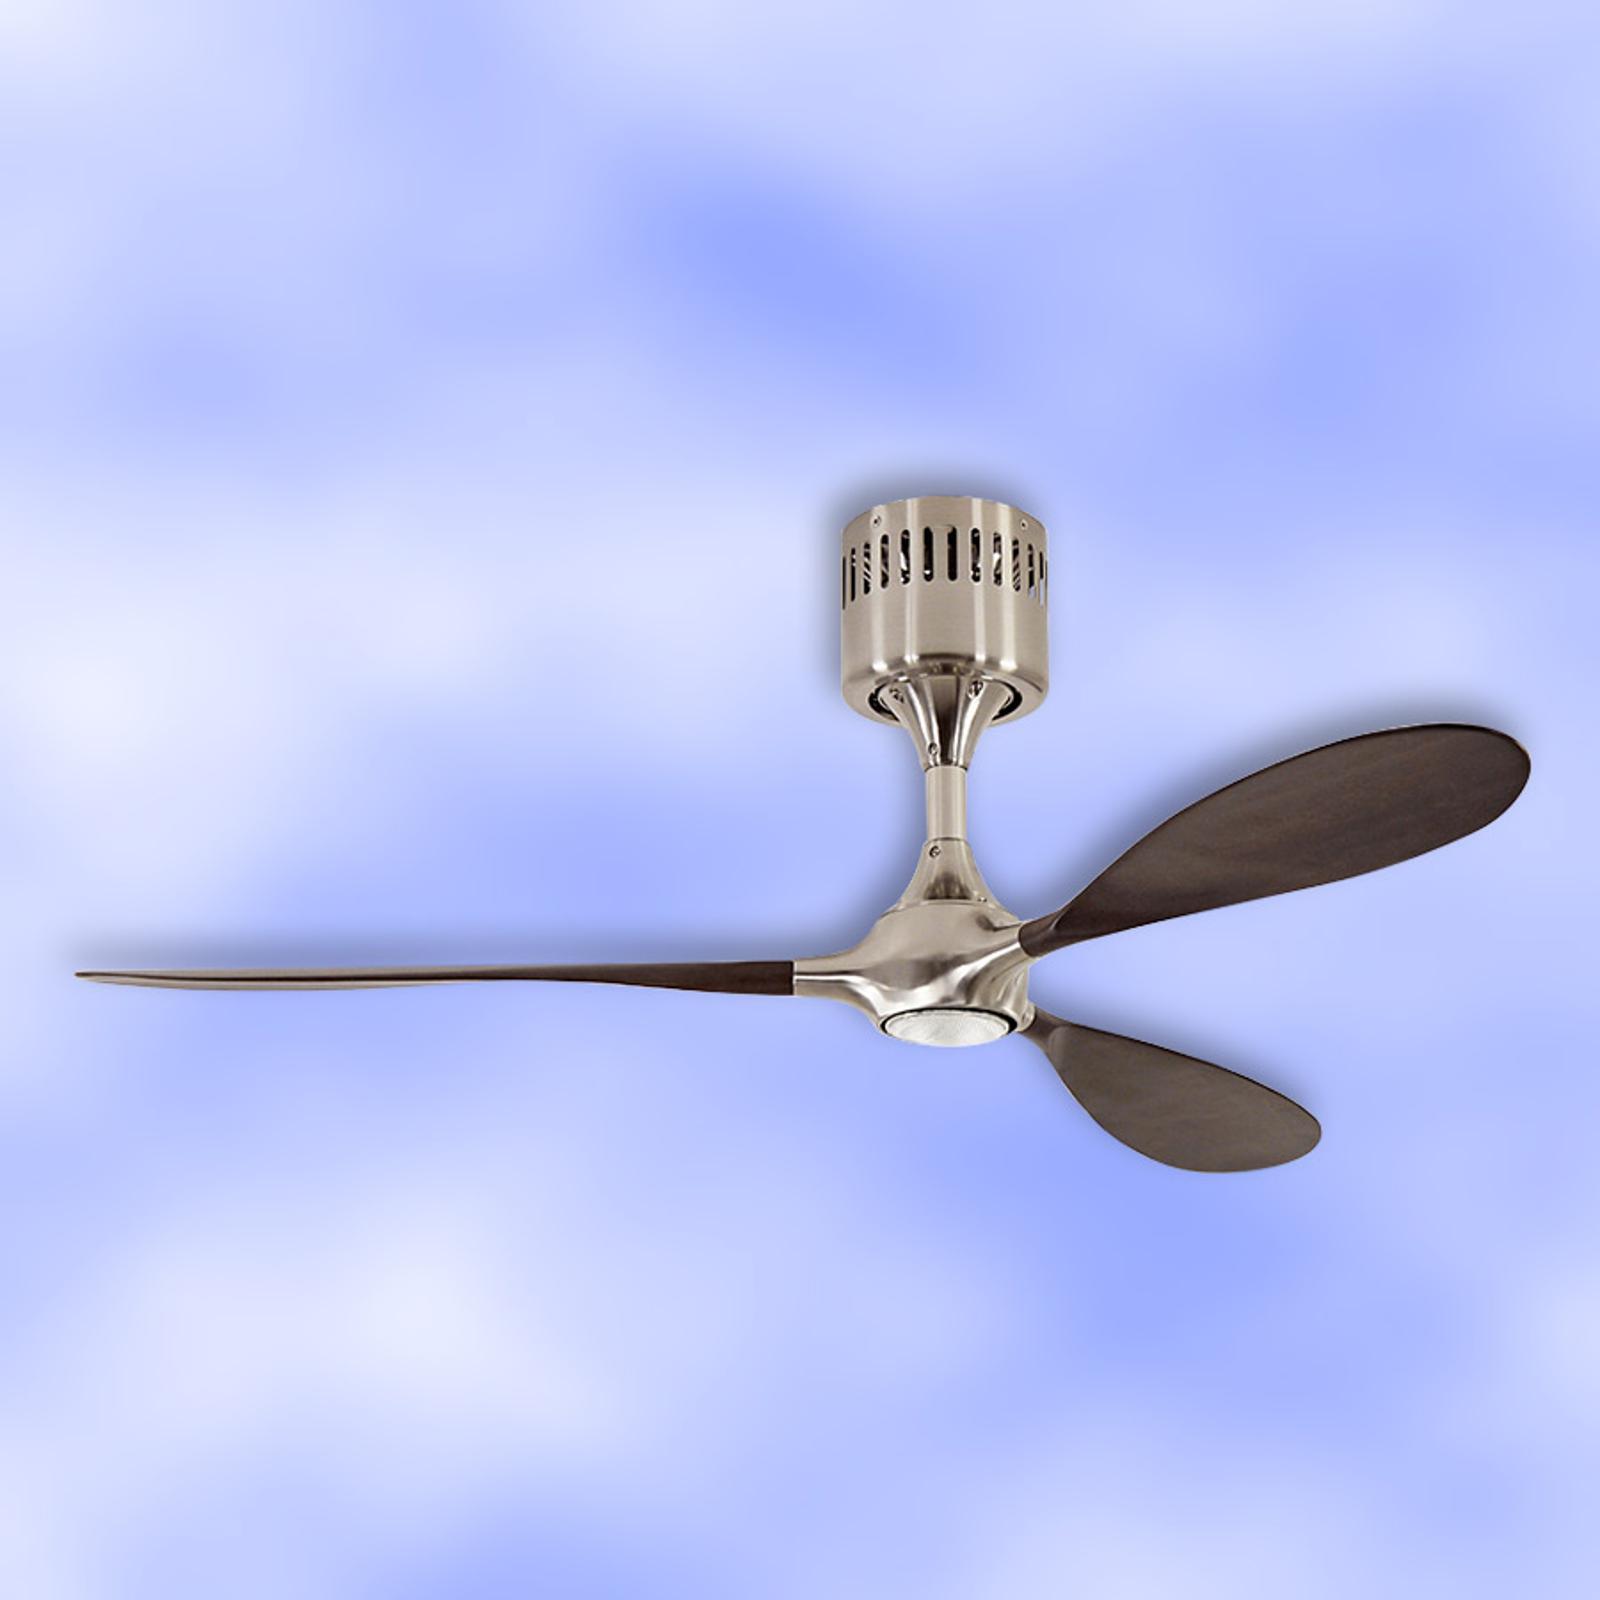 Ventilatore da soffitto Helico Paddel cromo e noce